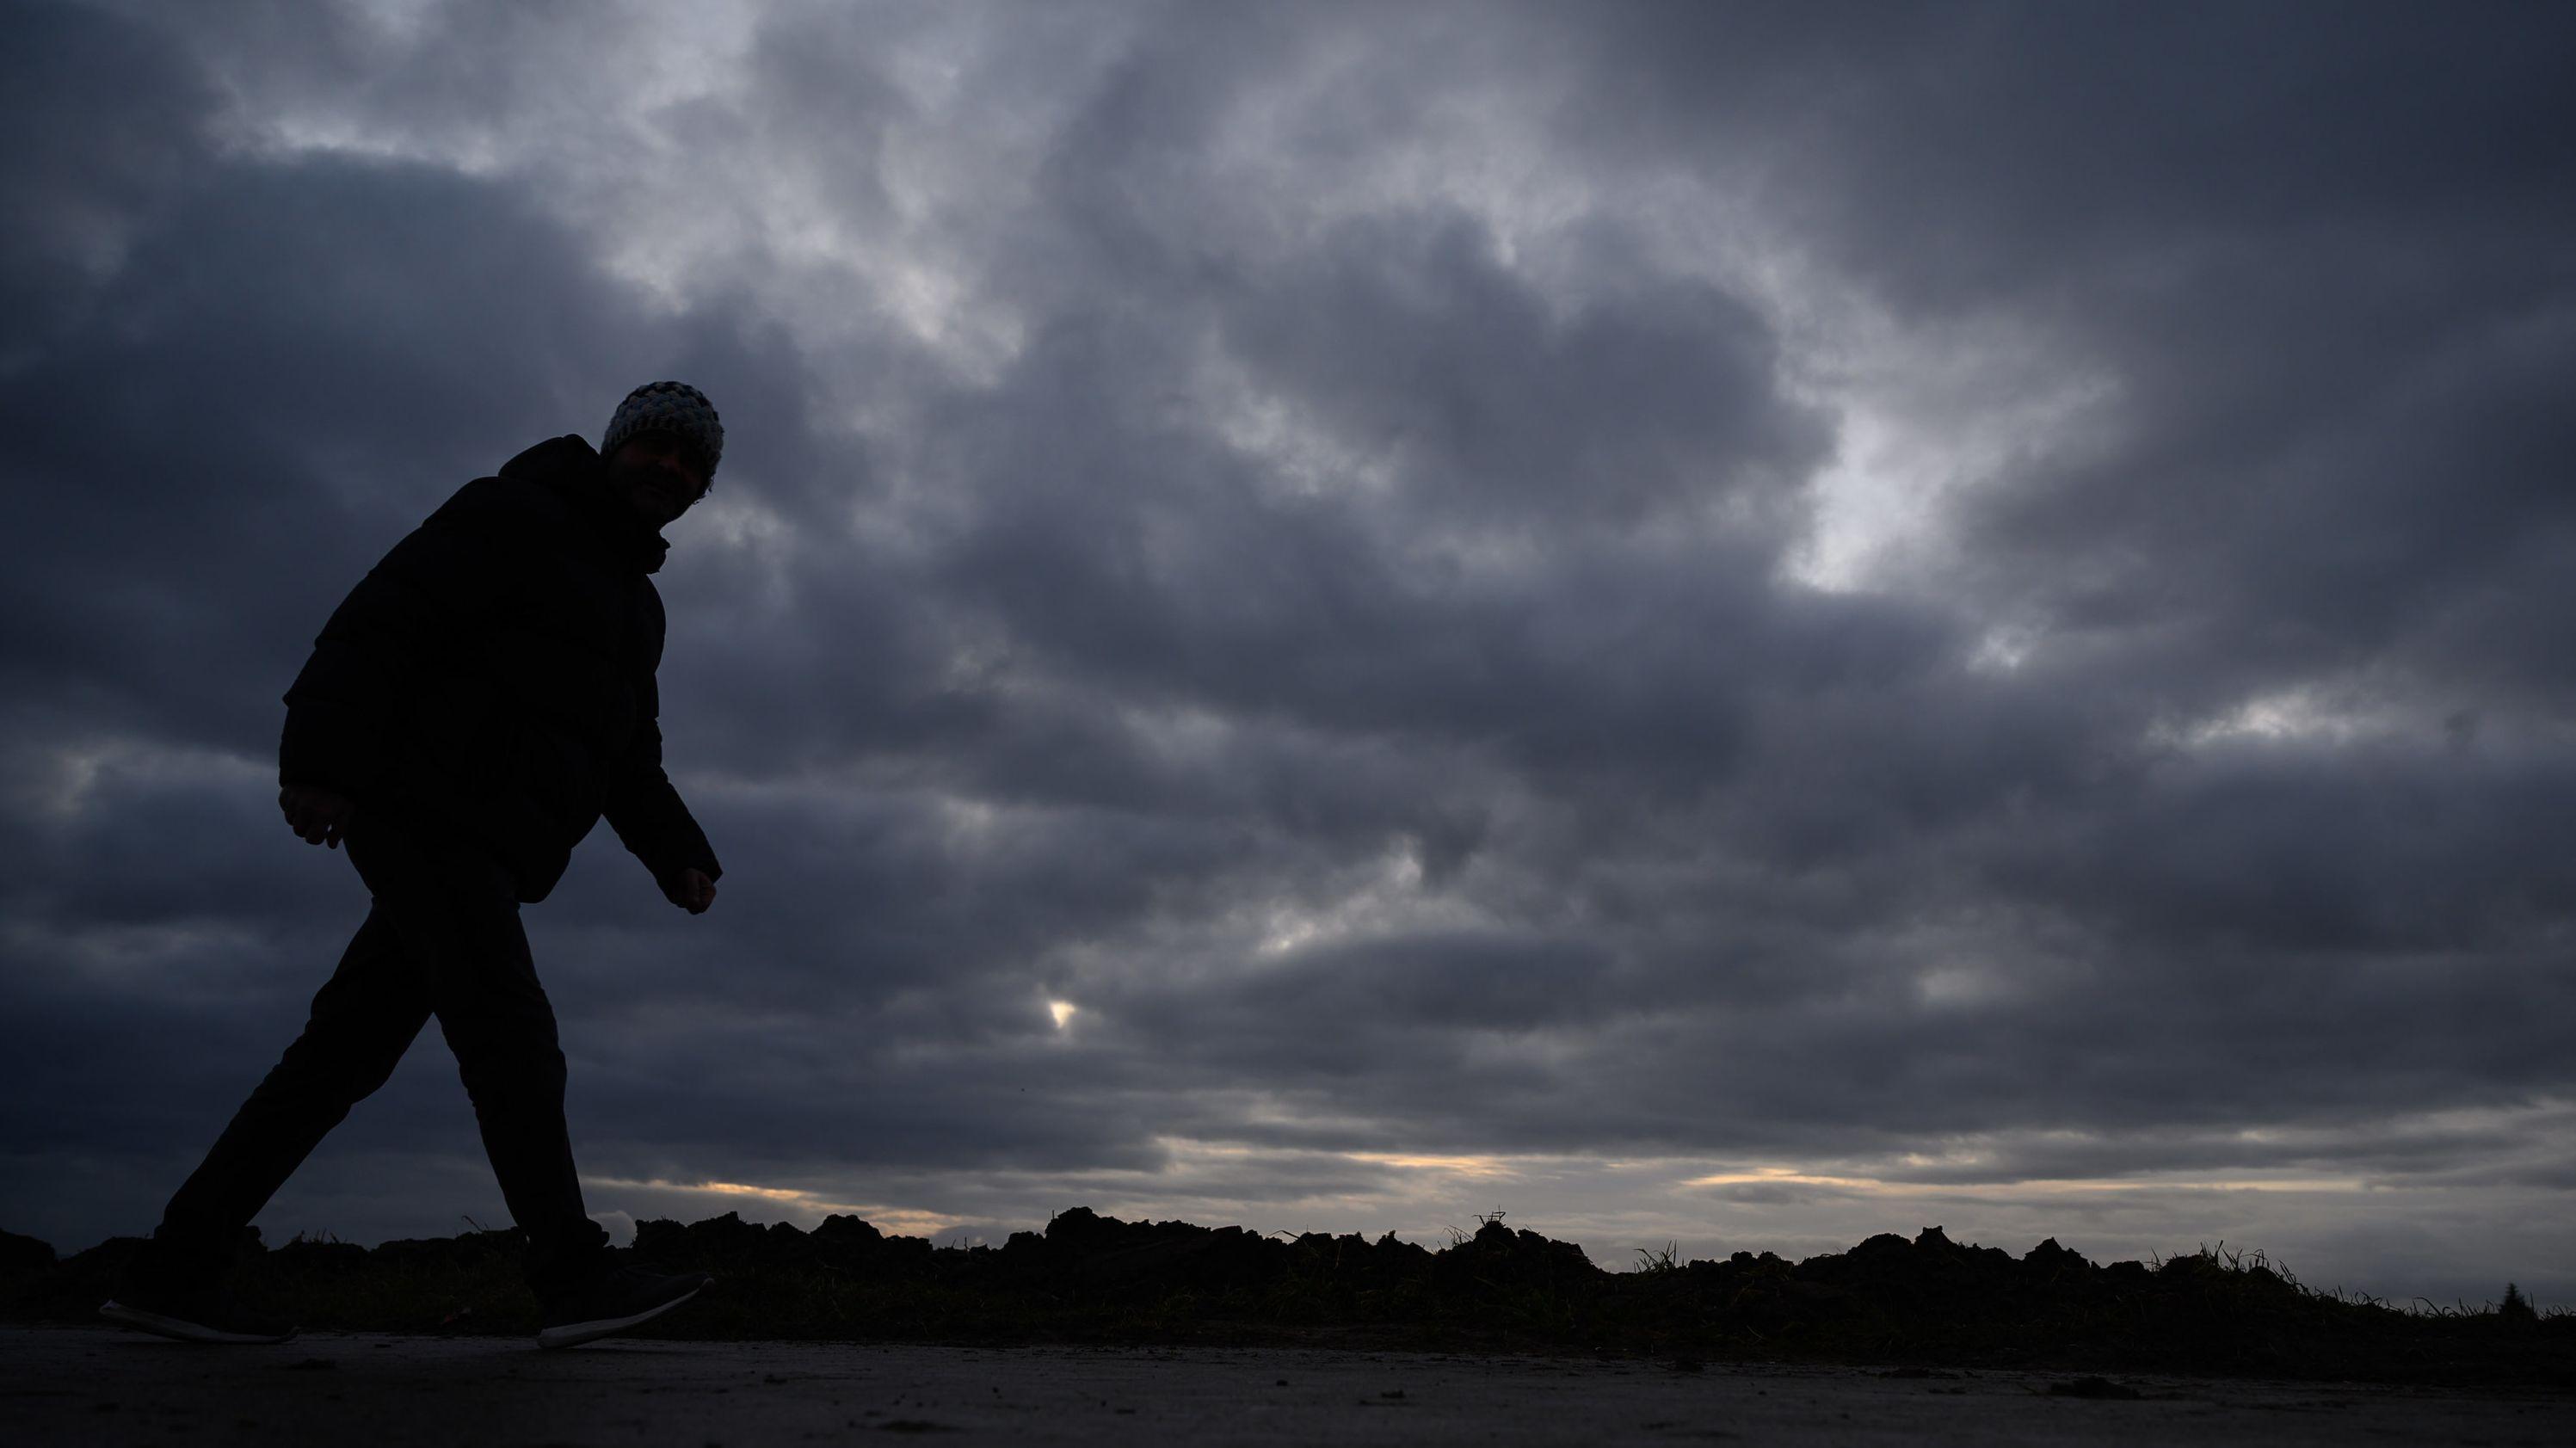 Spaziergänger vor dunklen Wolken (Symbolbild)